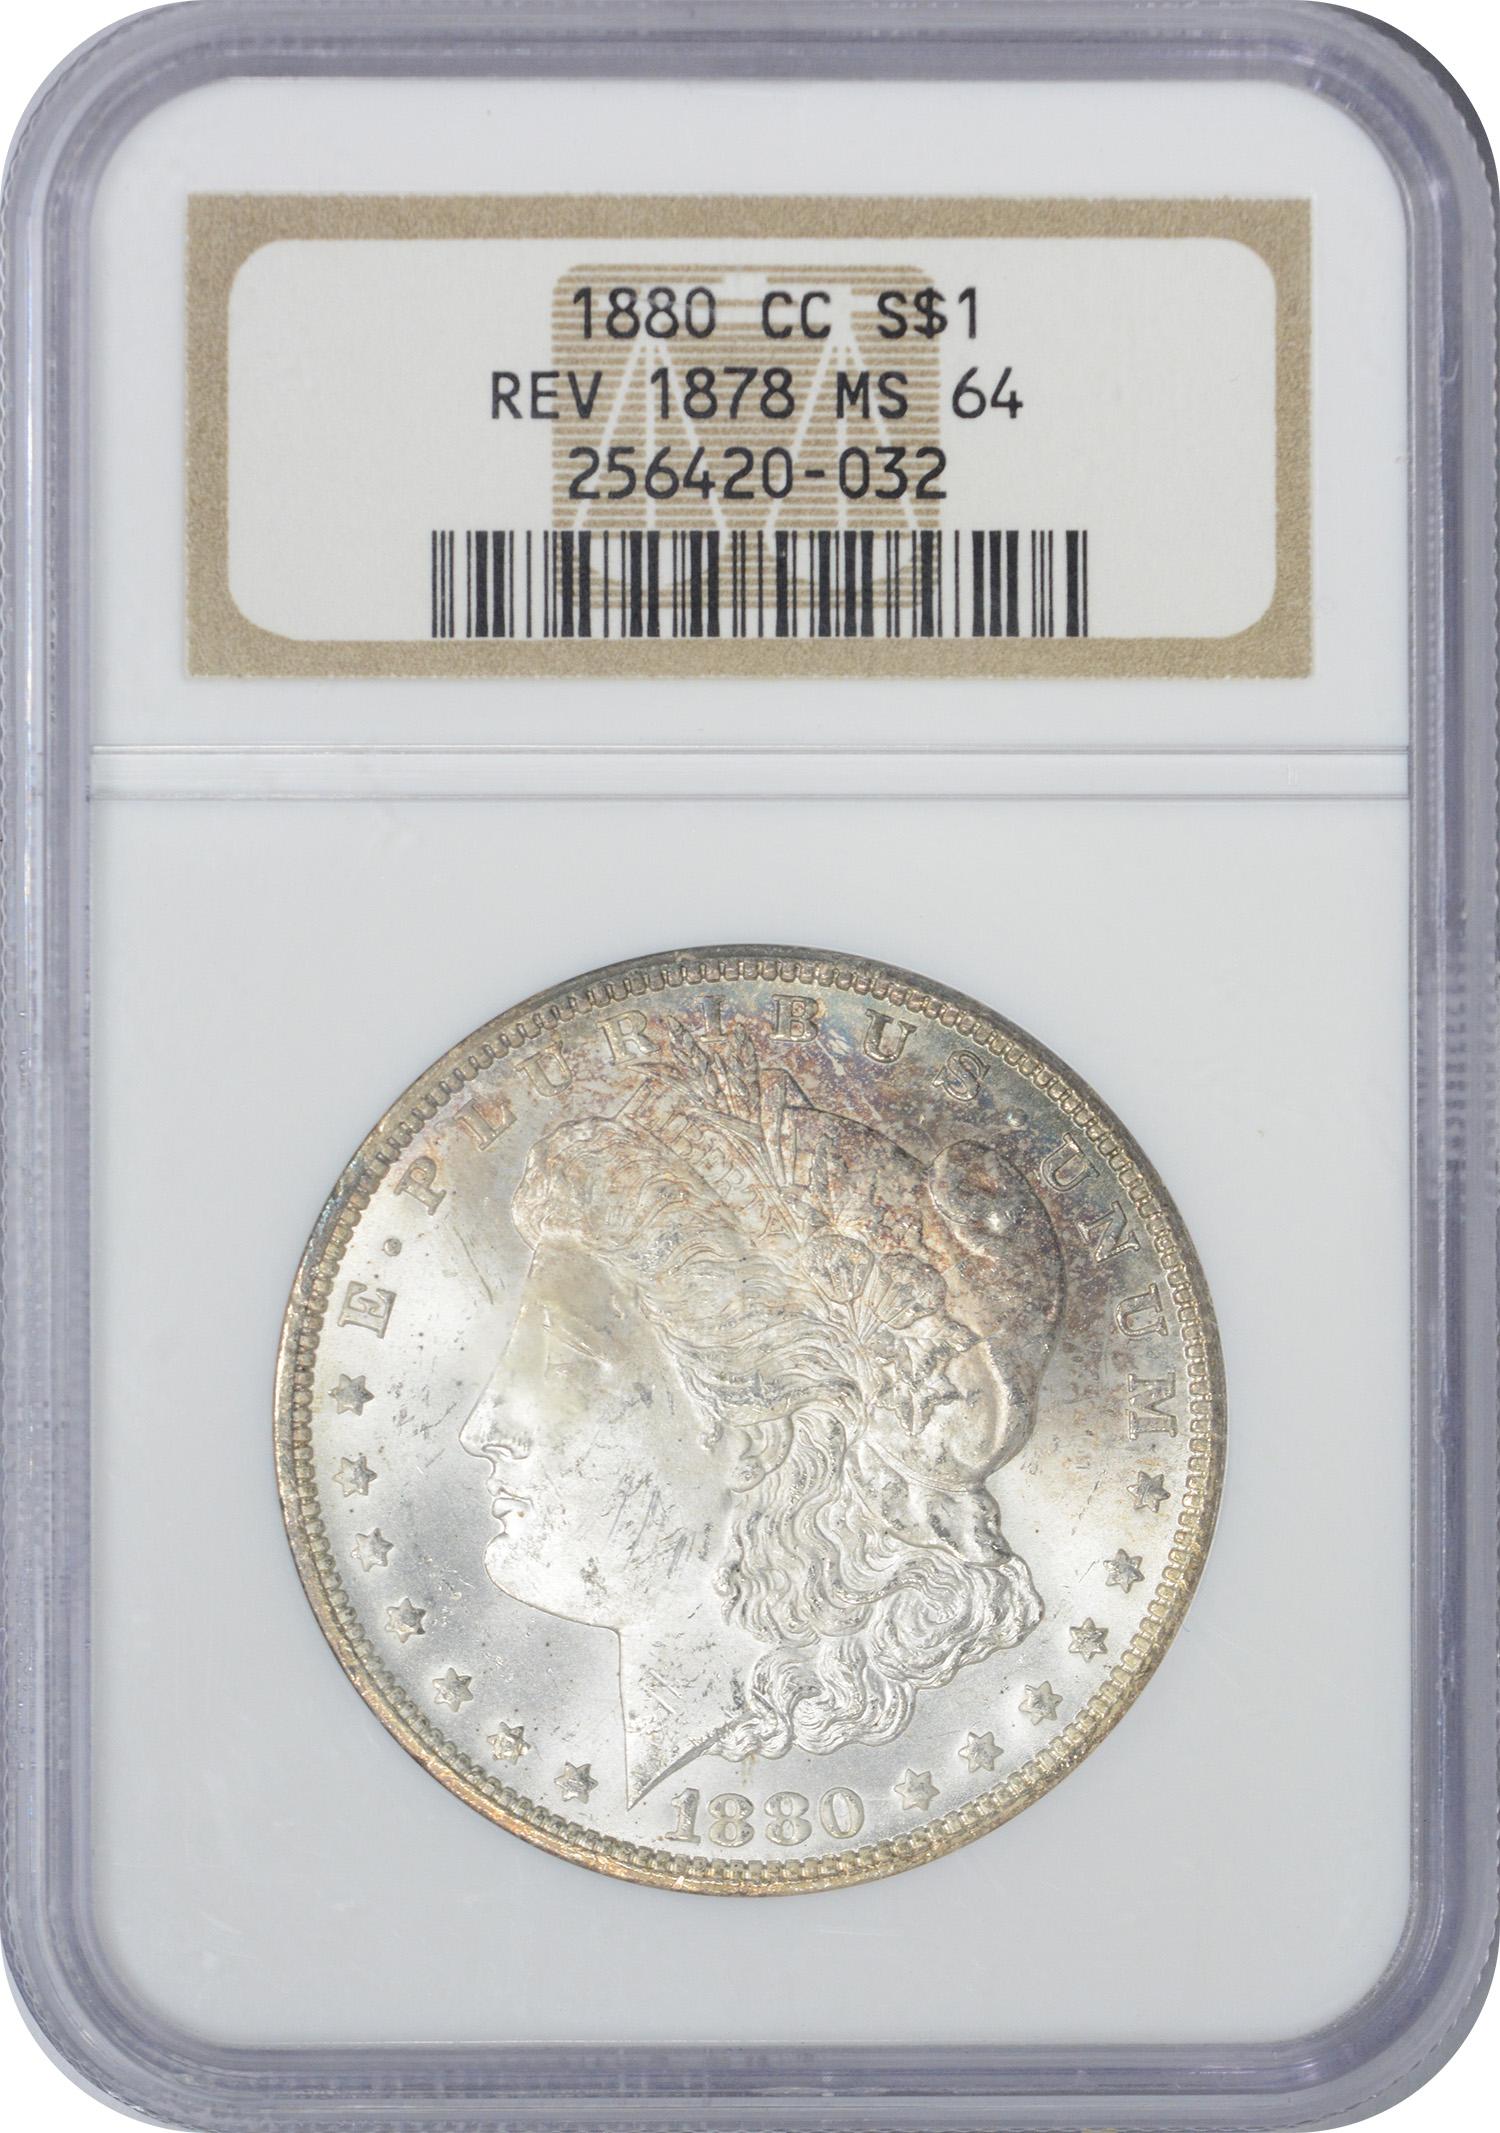 1880-CC VAM 4 80/79, Morgan Silver Dollar, Rev OF '78, MS64, NGC